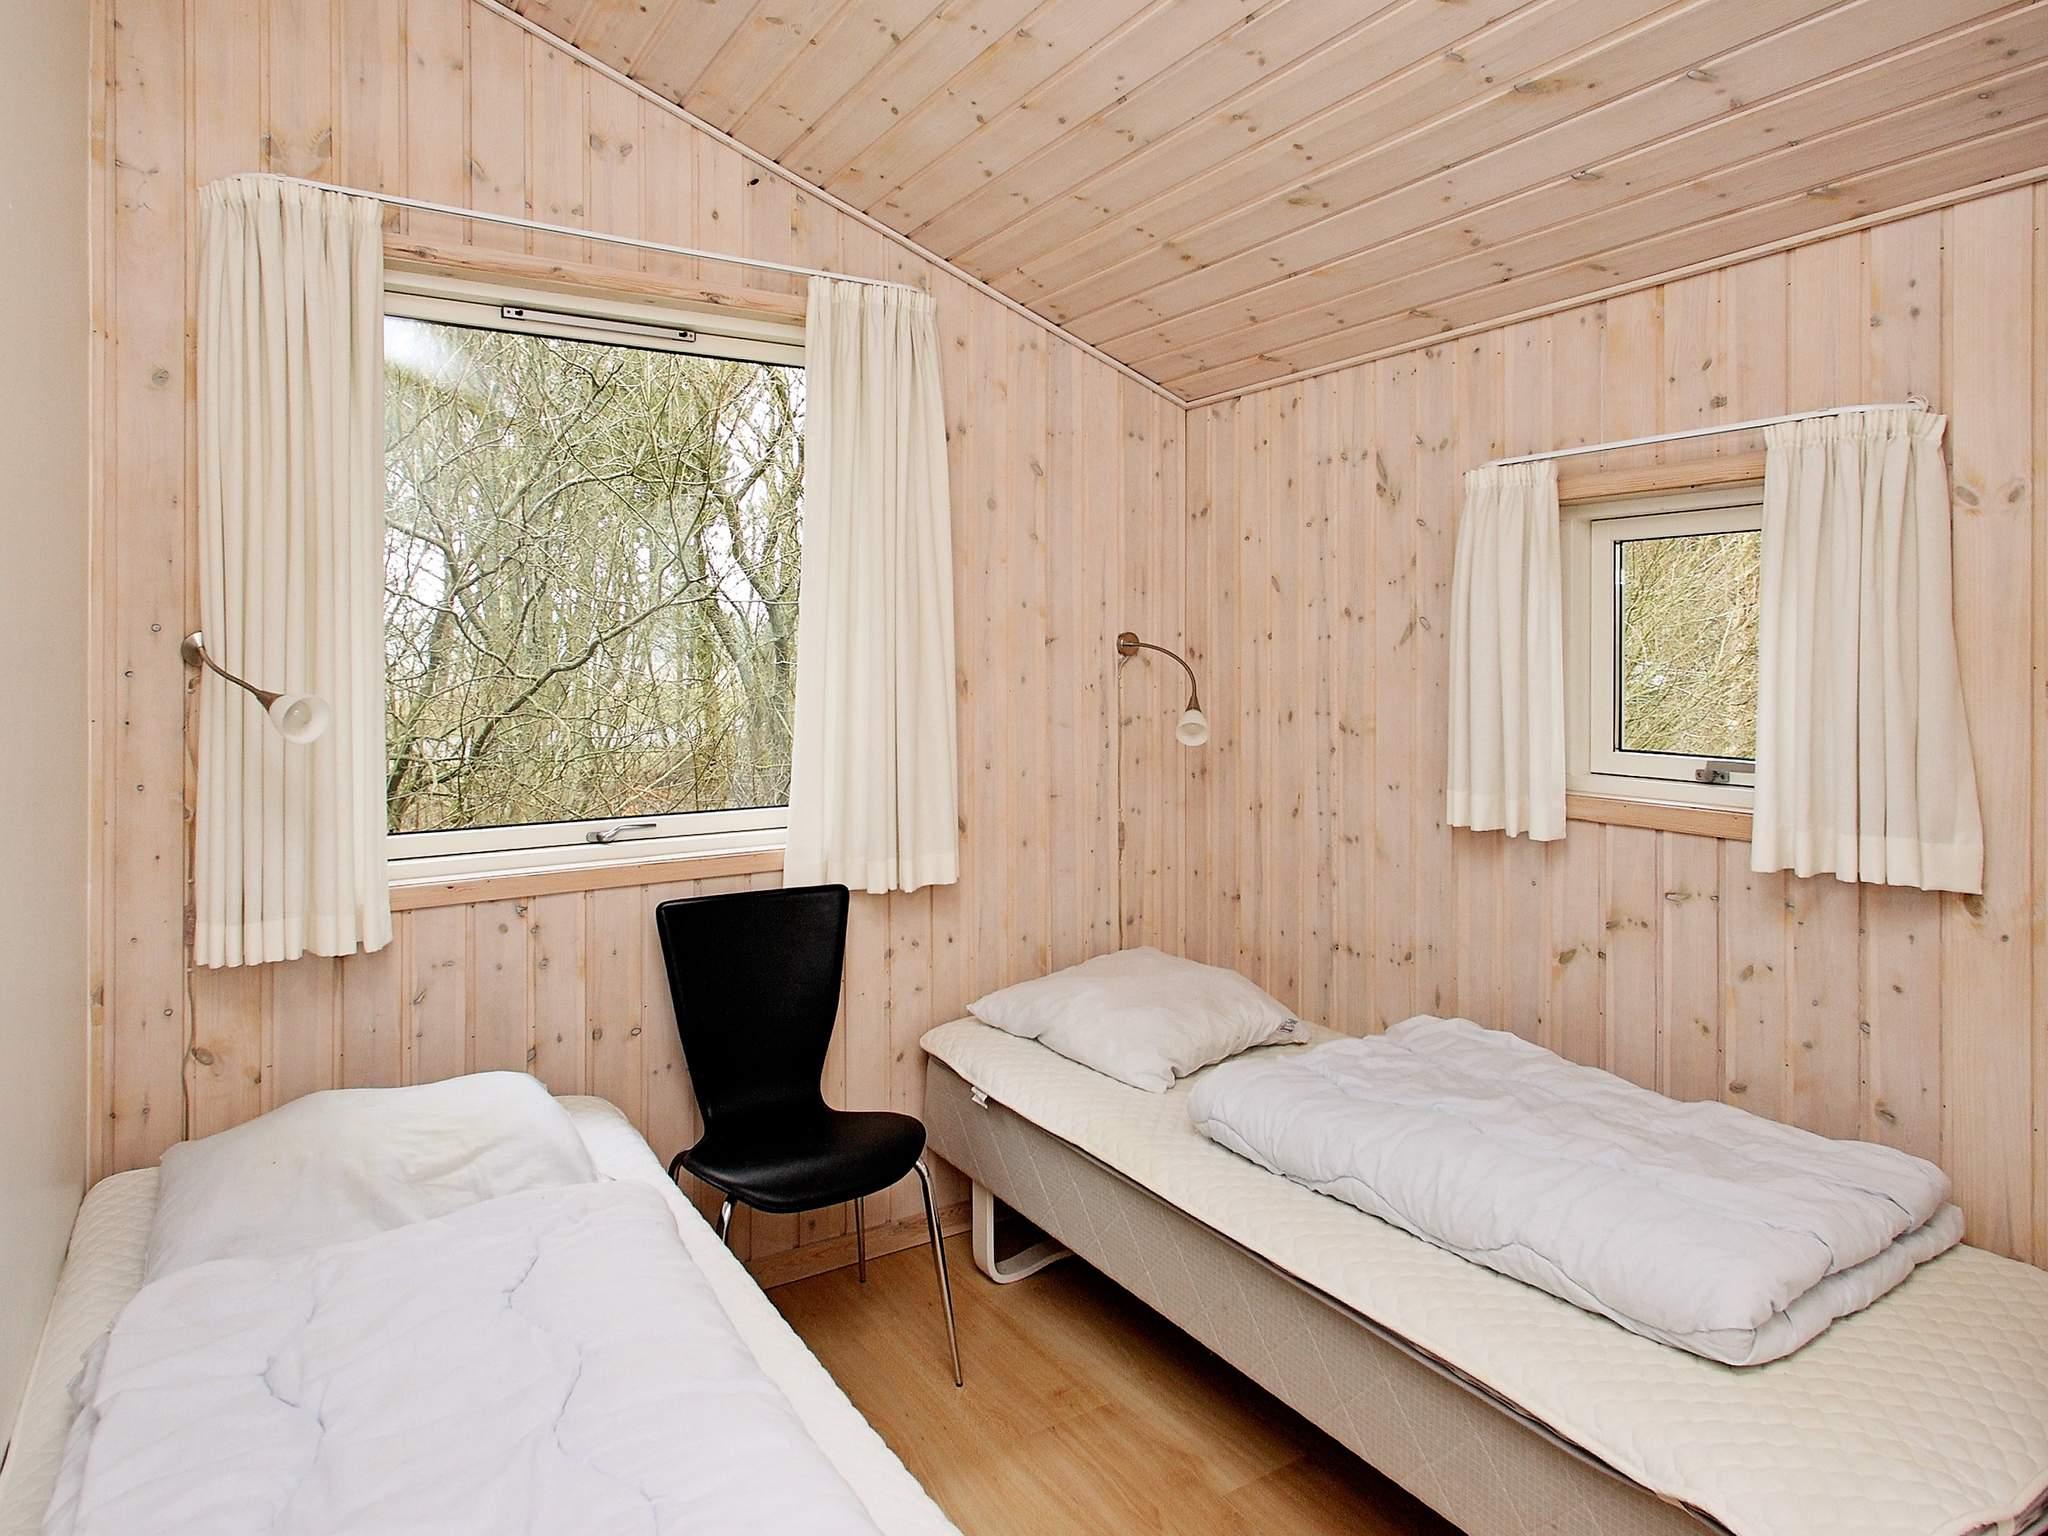 Ferienhaus Lodskovvad (241686), Lodskovvad, , Nordostjütland, Dänemark, Bild 10